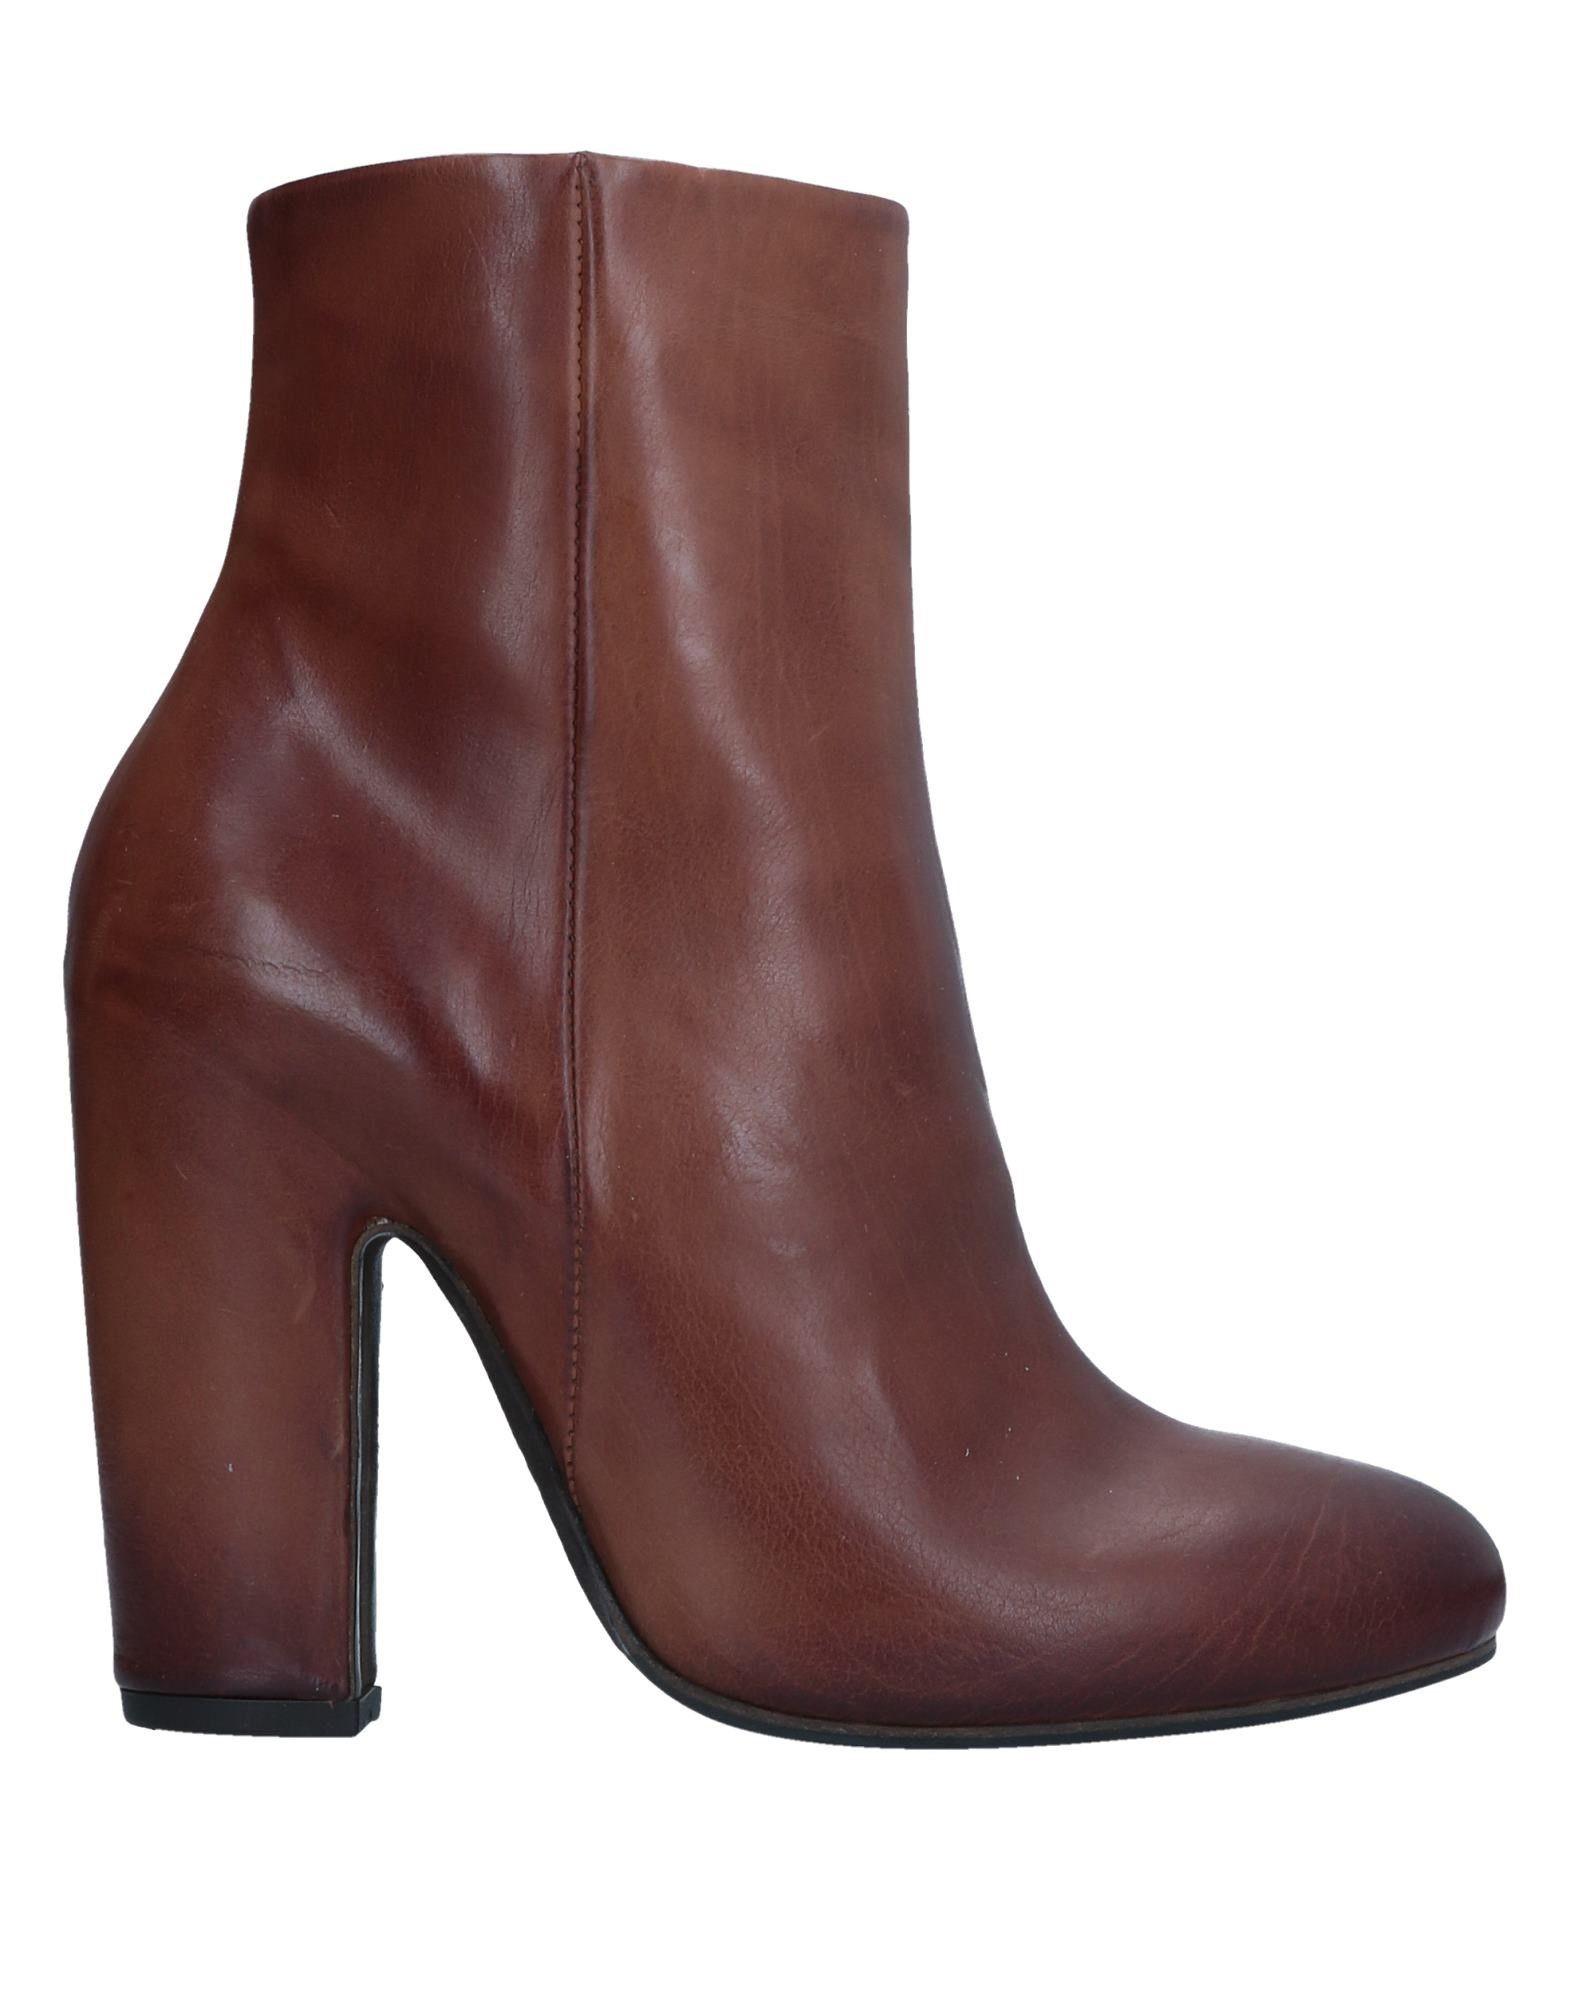 Vic Matiē Stiefelette Damen  11275964PTGut aussehende strapazierfähige Schuhe